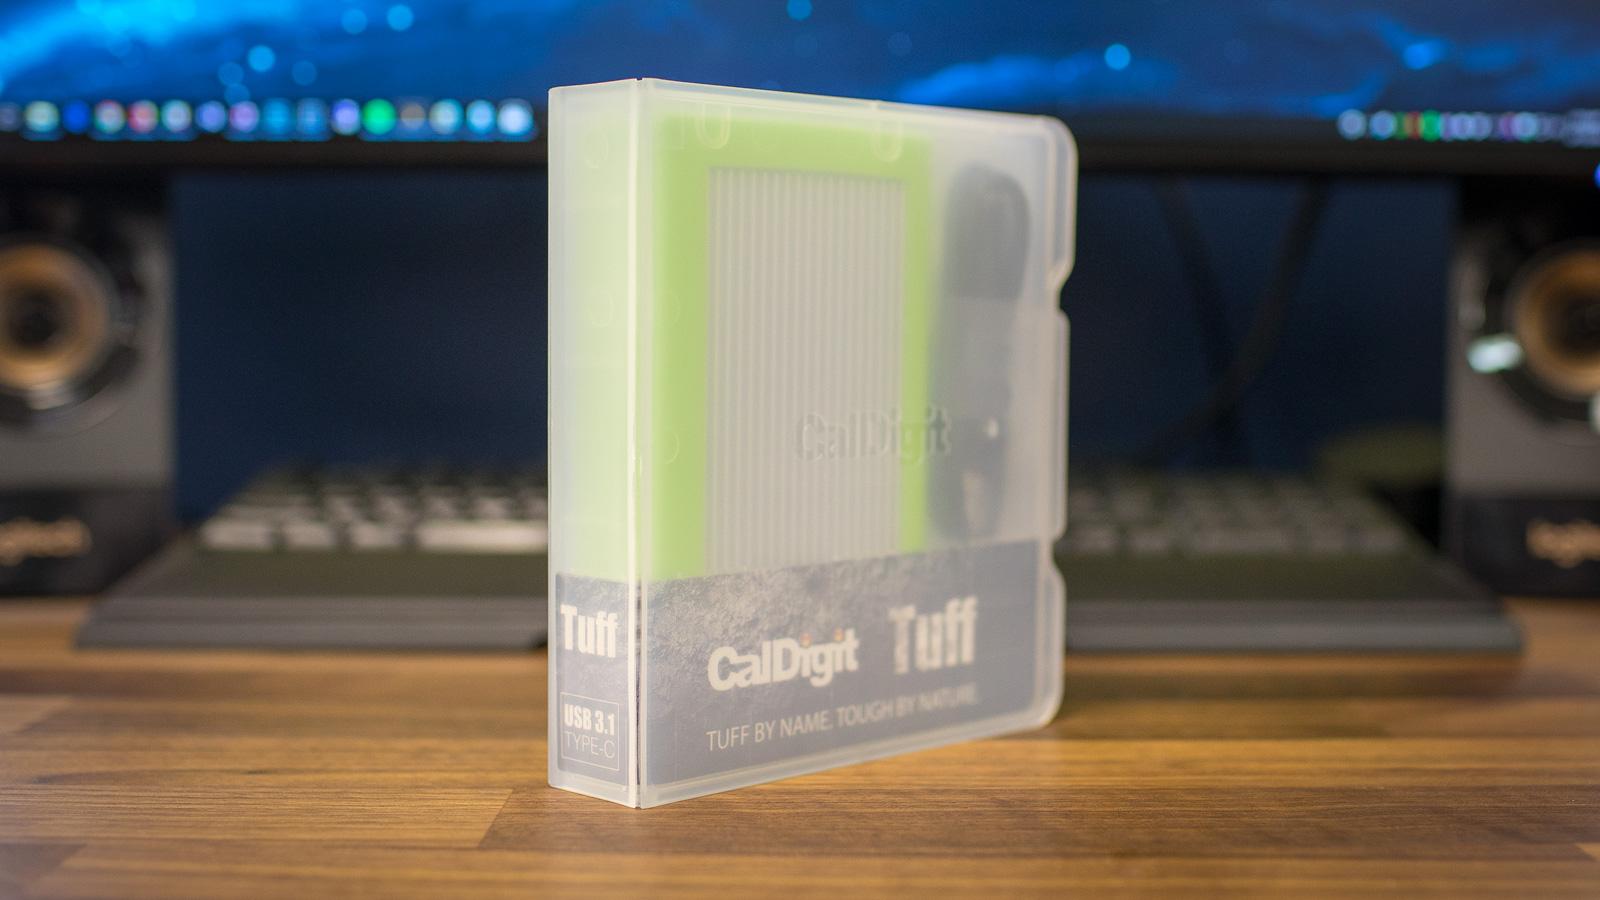 caldigit-tuff-hdd-2.jpg